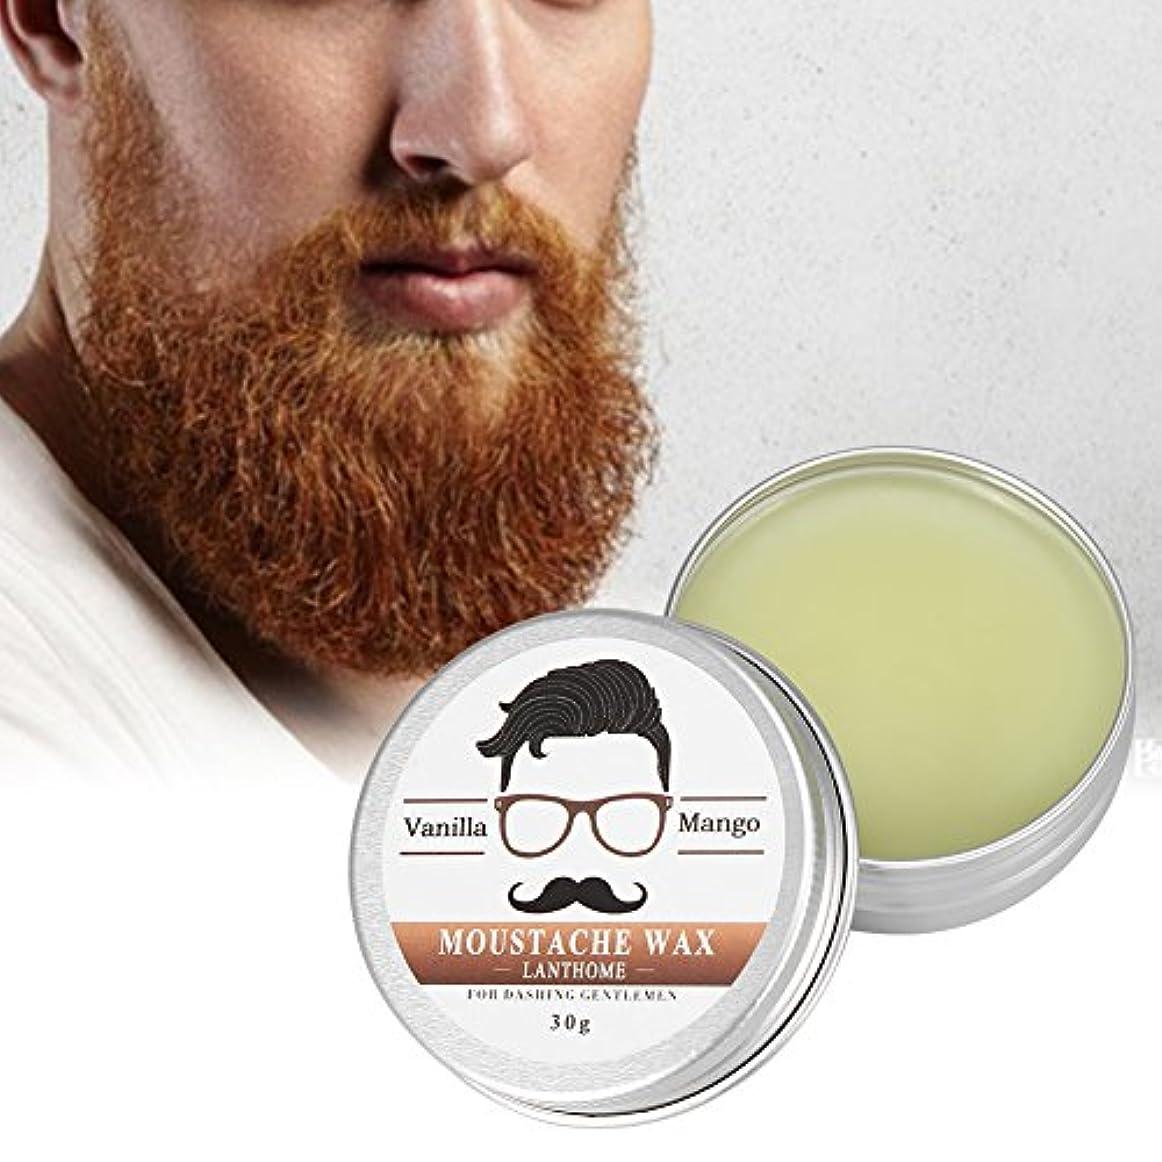 モード受粉者収束ビアードワックス ひげクリーム 口髭用 ワックス バーム 男性用 保湿 滋養 ひげ根 ケア